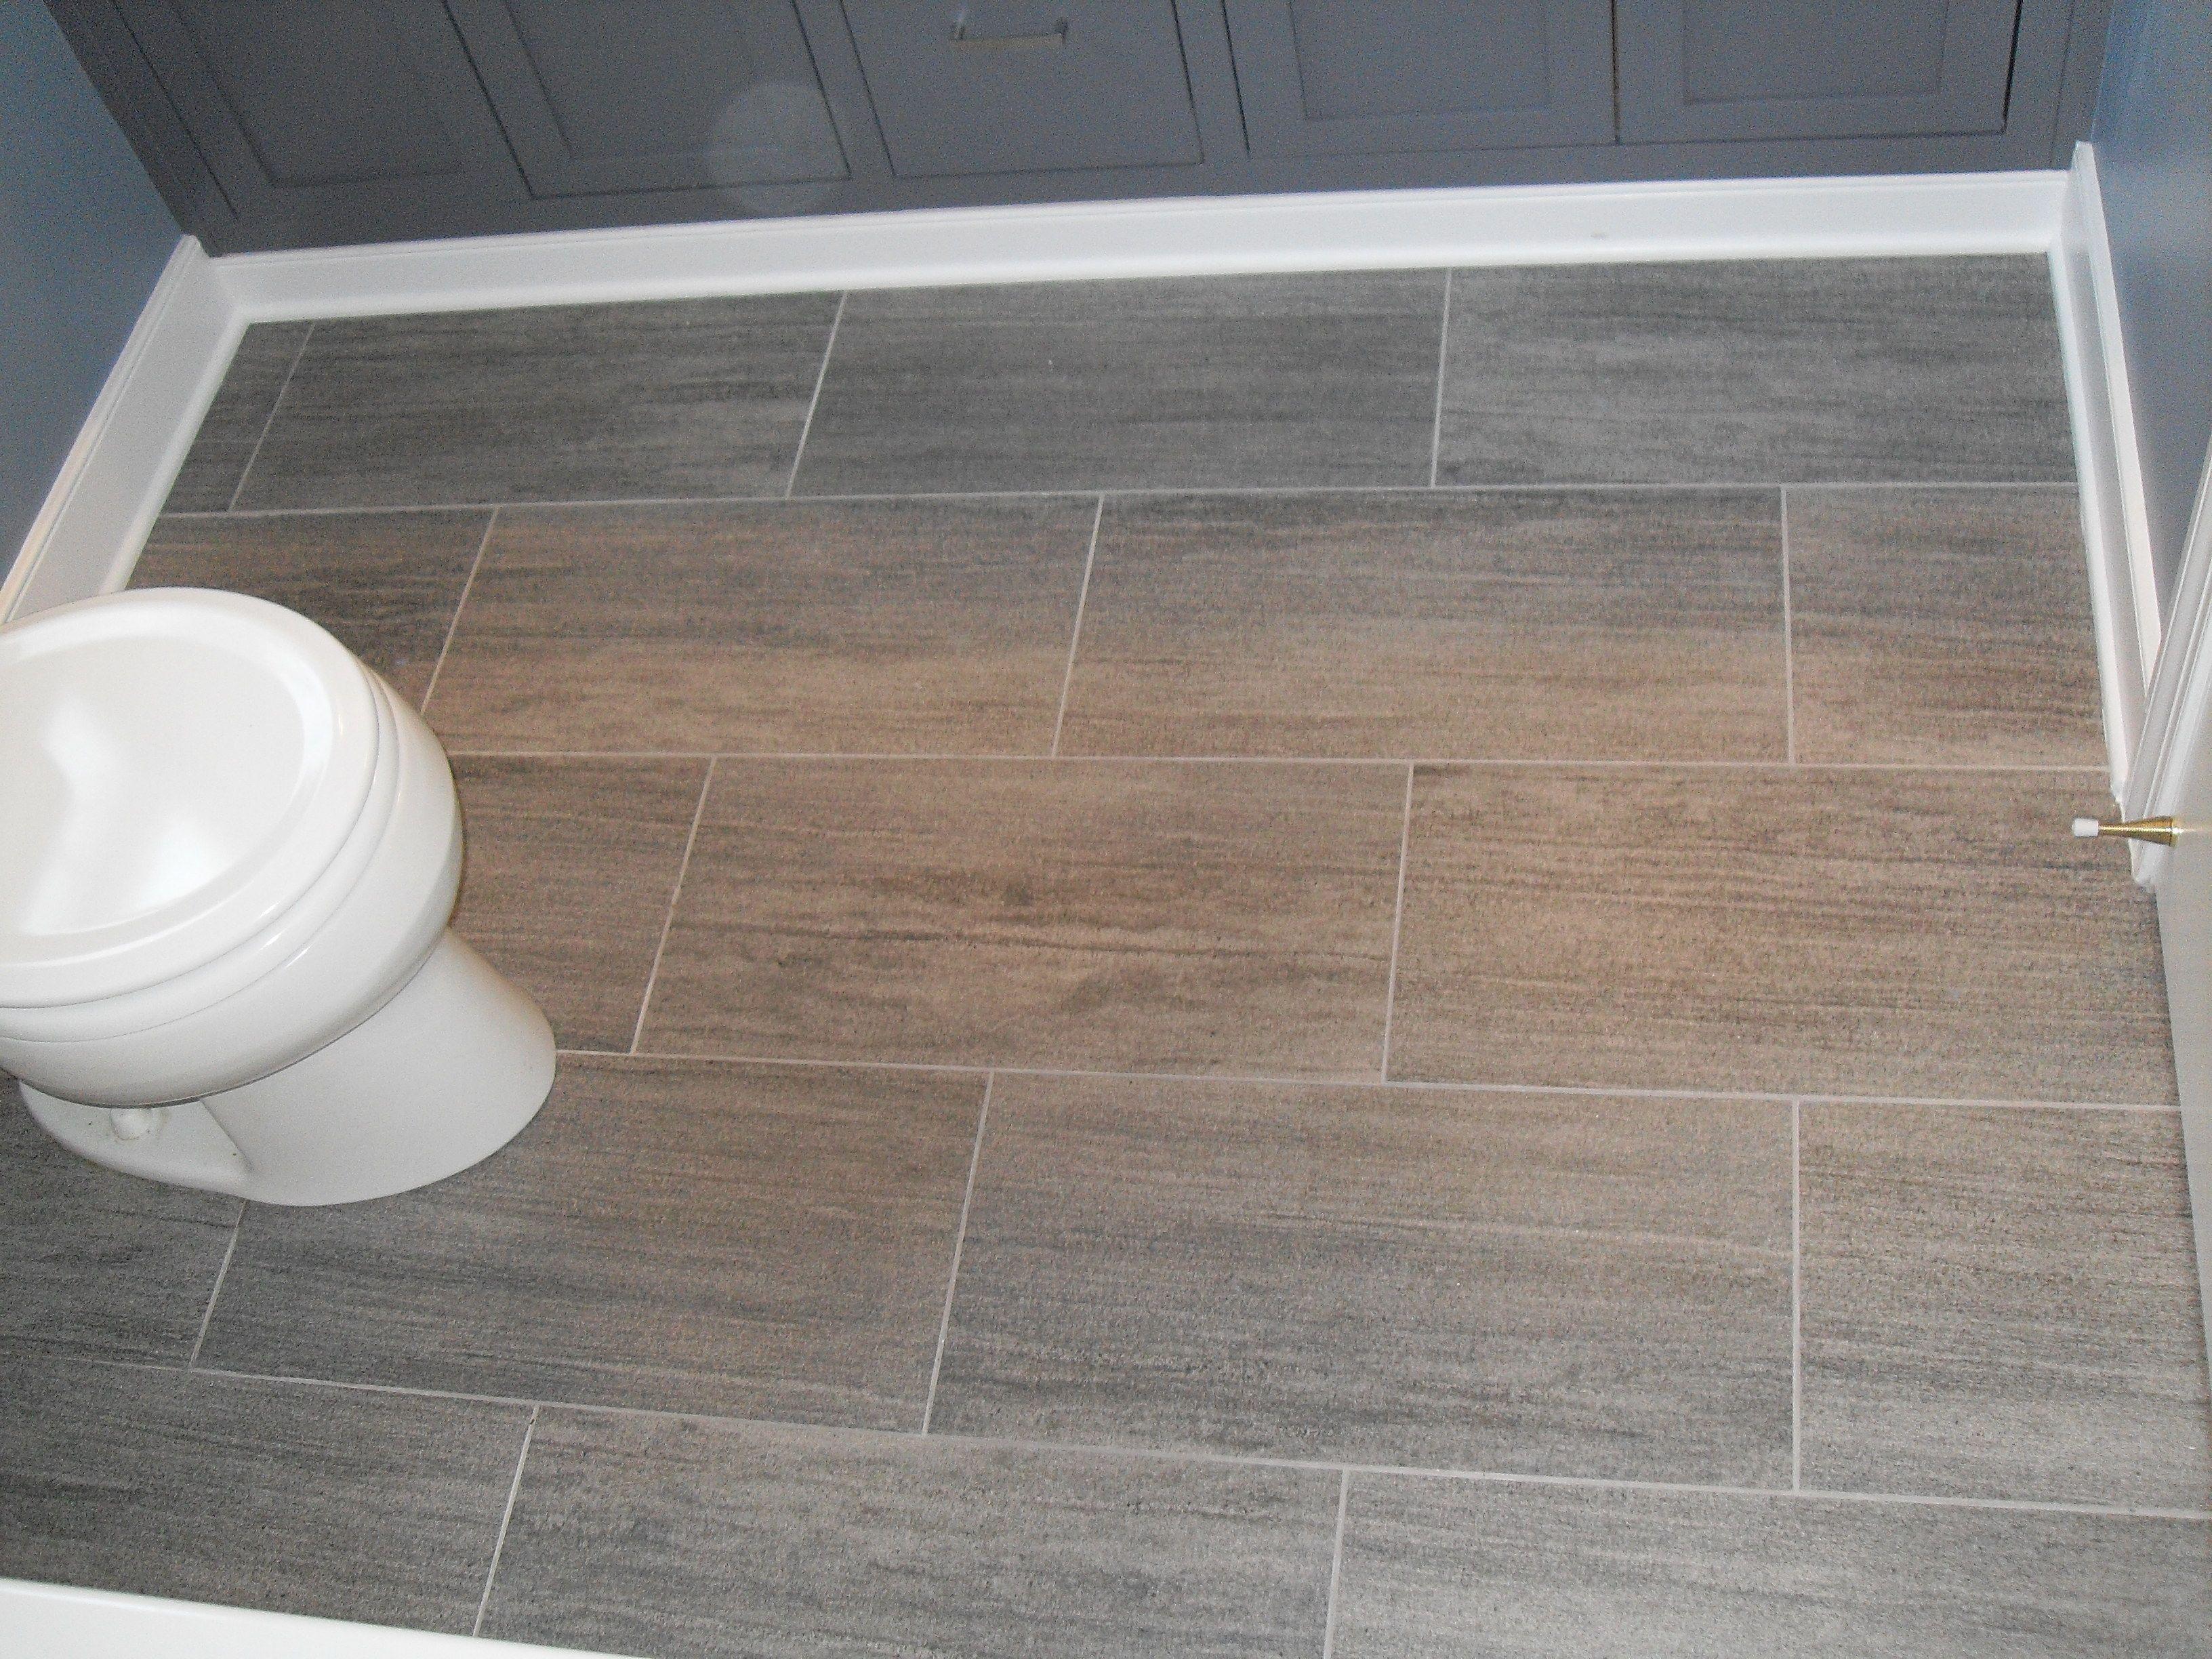 Bathroom laminate flooring ideas